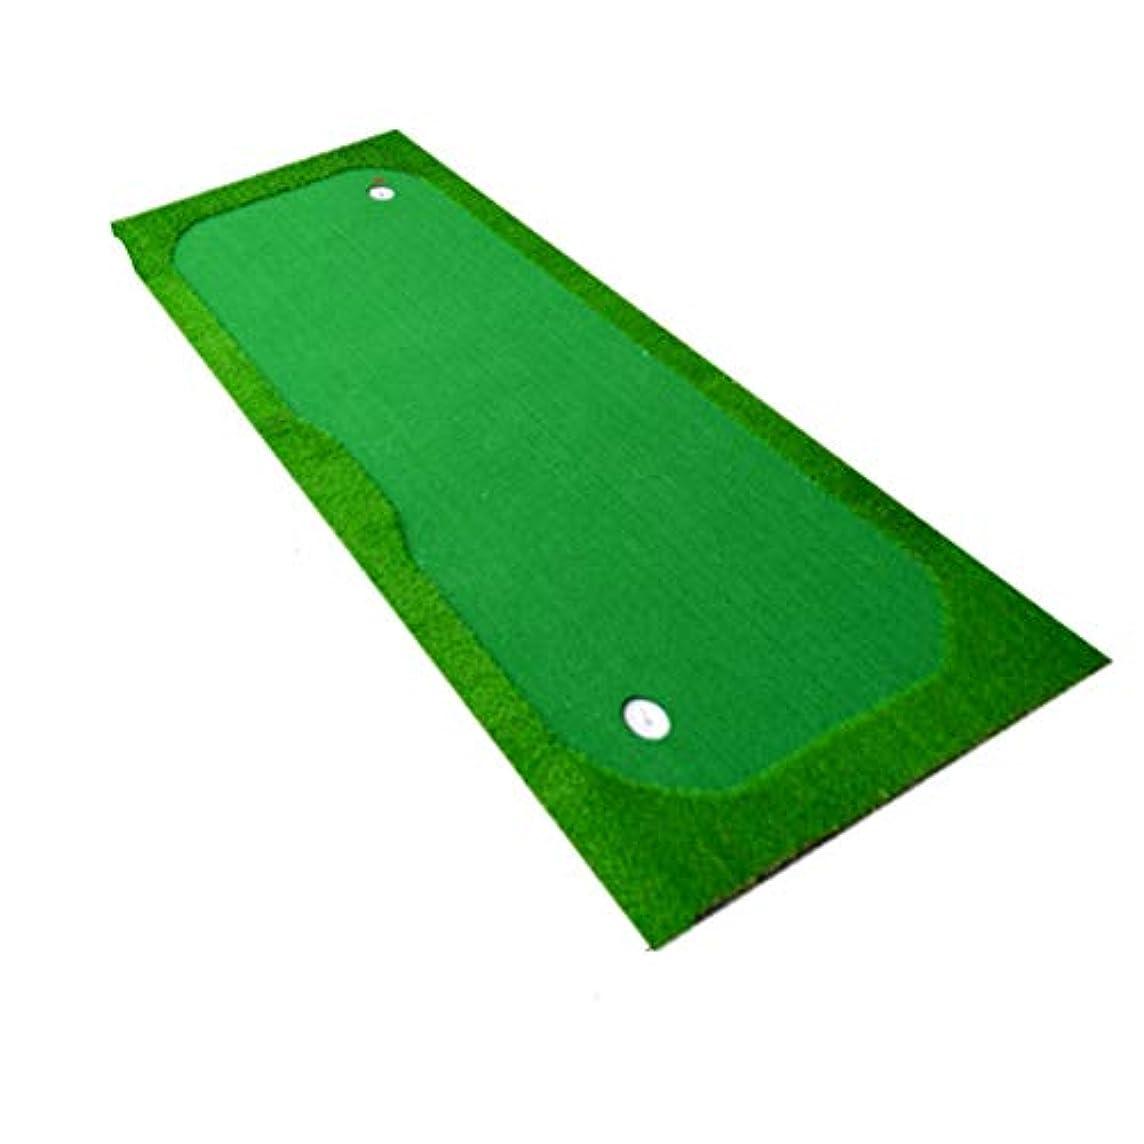 ロッド炭水化物他の日ゴルフマット 高品質屋内ゴルフグリーングリーンポータブルグリーンゴルフパターパッドプロの練習グリーンゴルフシミュレータトレーニングパッド補助機器 室内グリーン (色 : 緑, サイズ : 1.5*3)